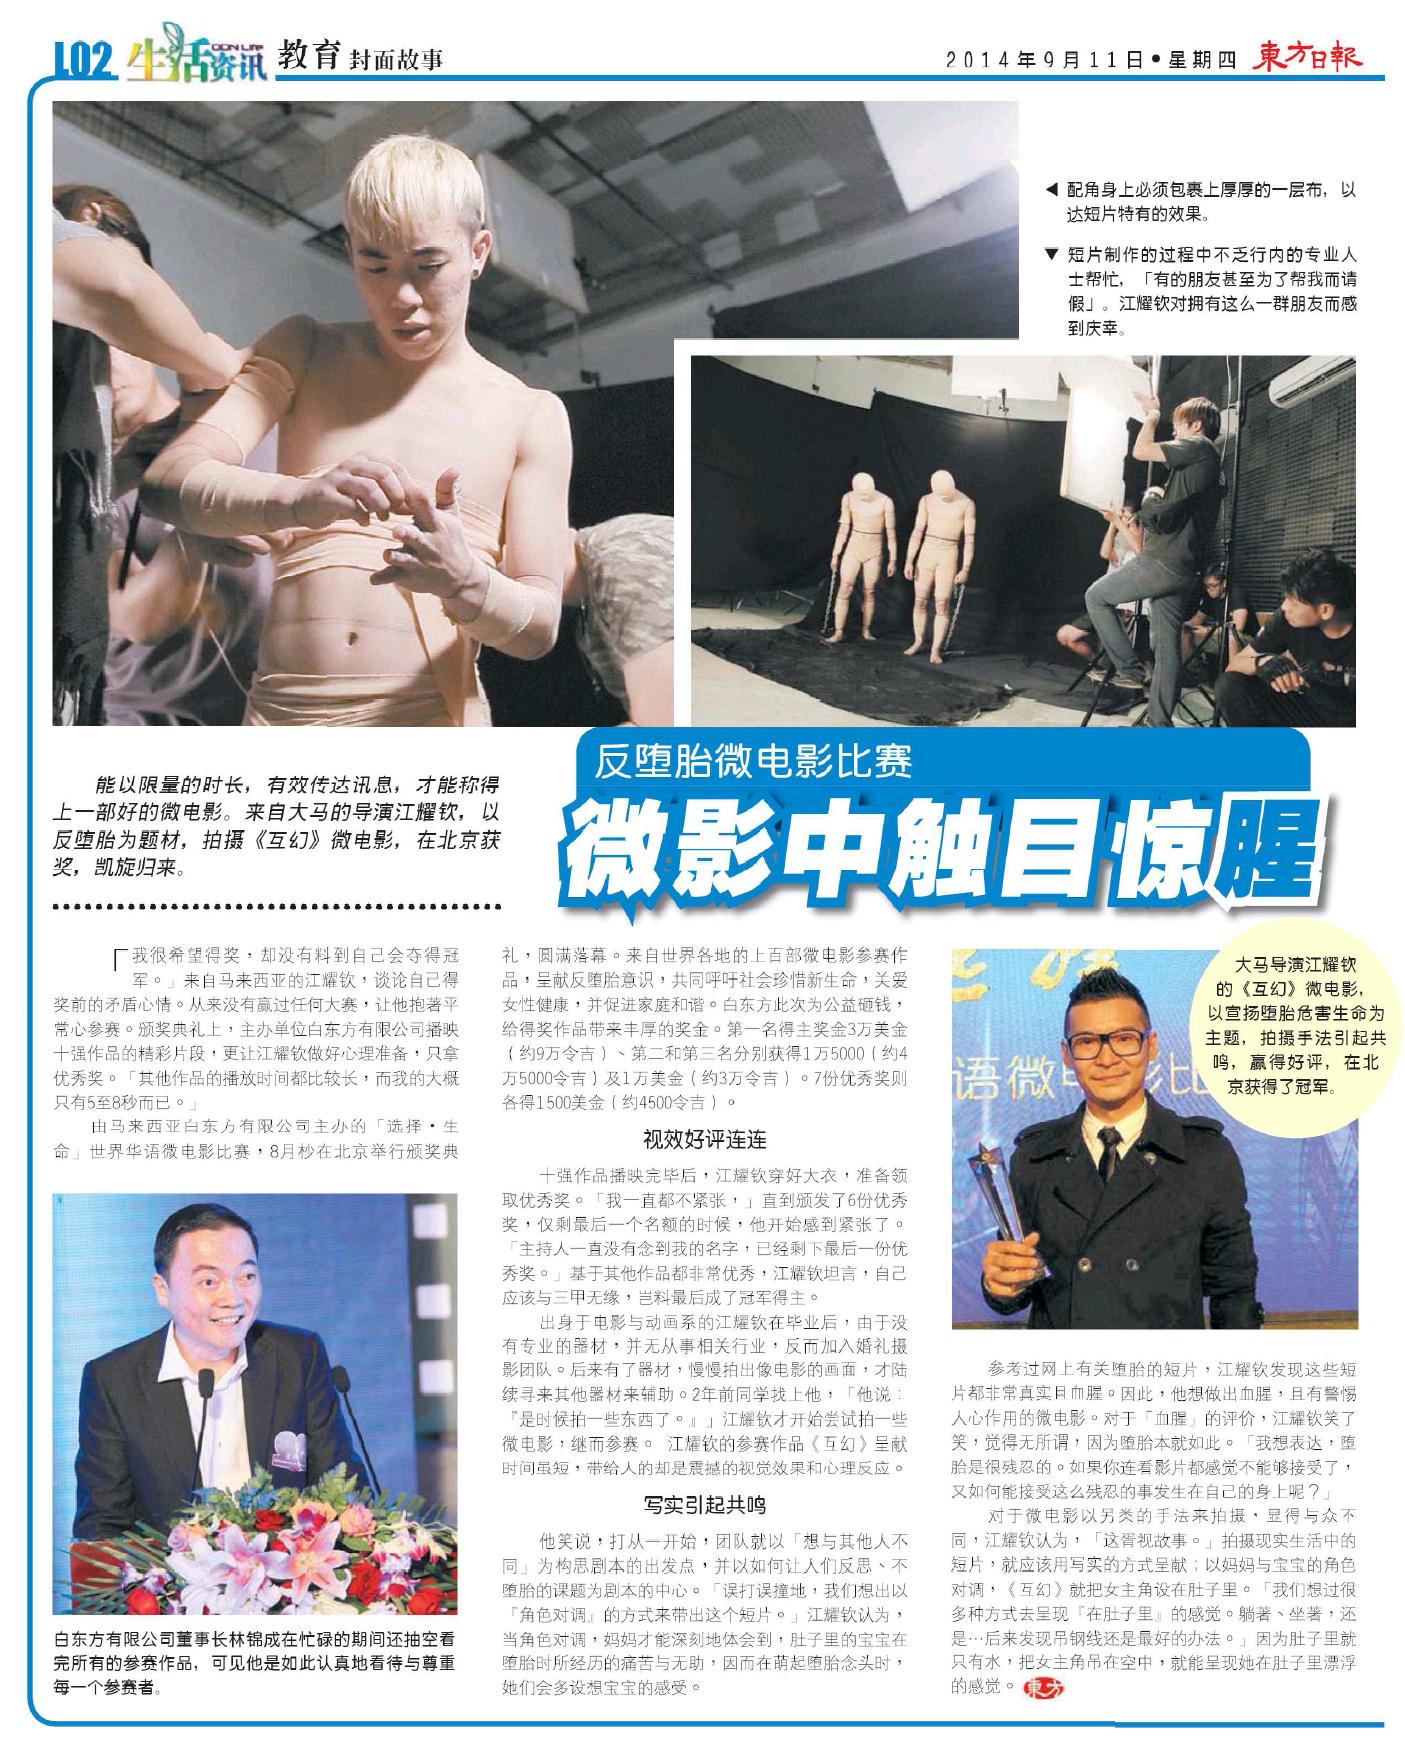 通过『世界华语微电影比赛』挽救每天被堕掉的120,000个无辜小生命! 15019964738_d1b2d50de4_o